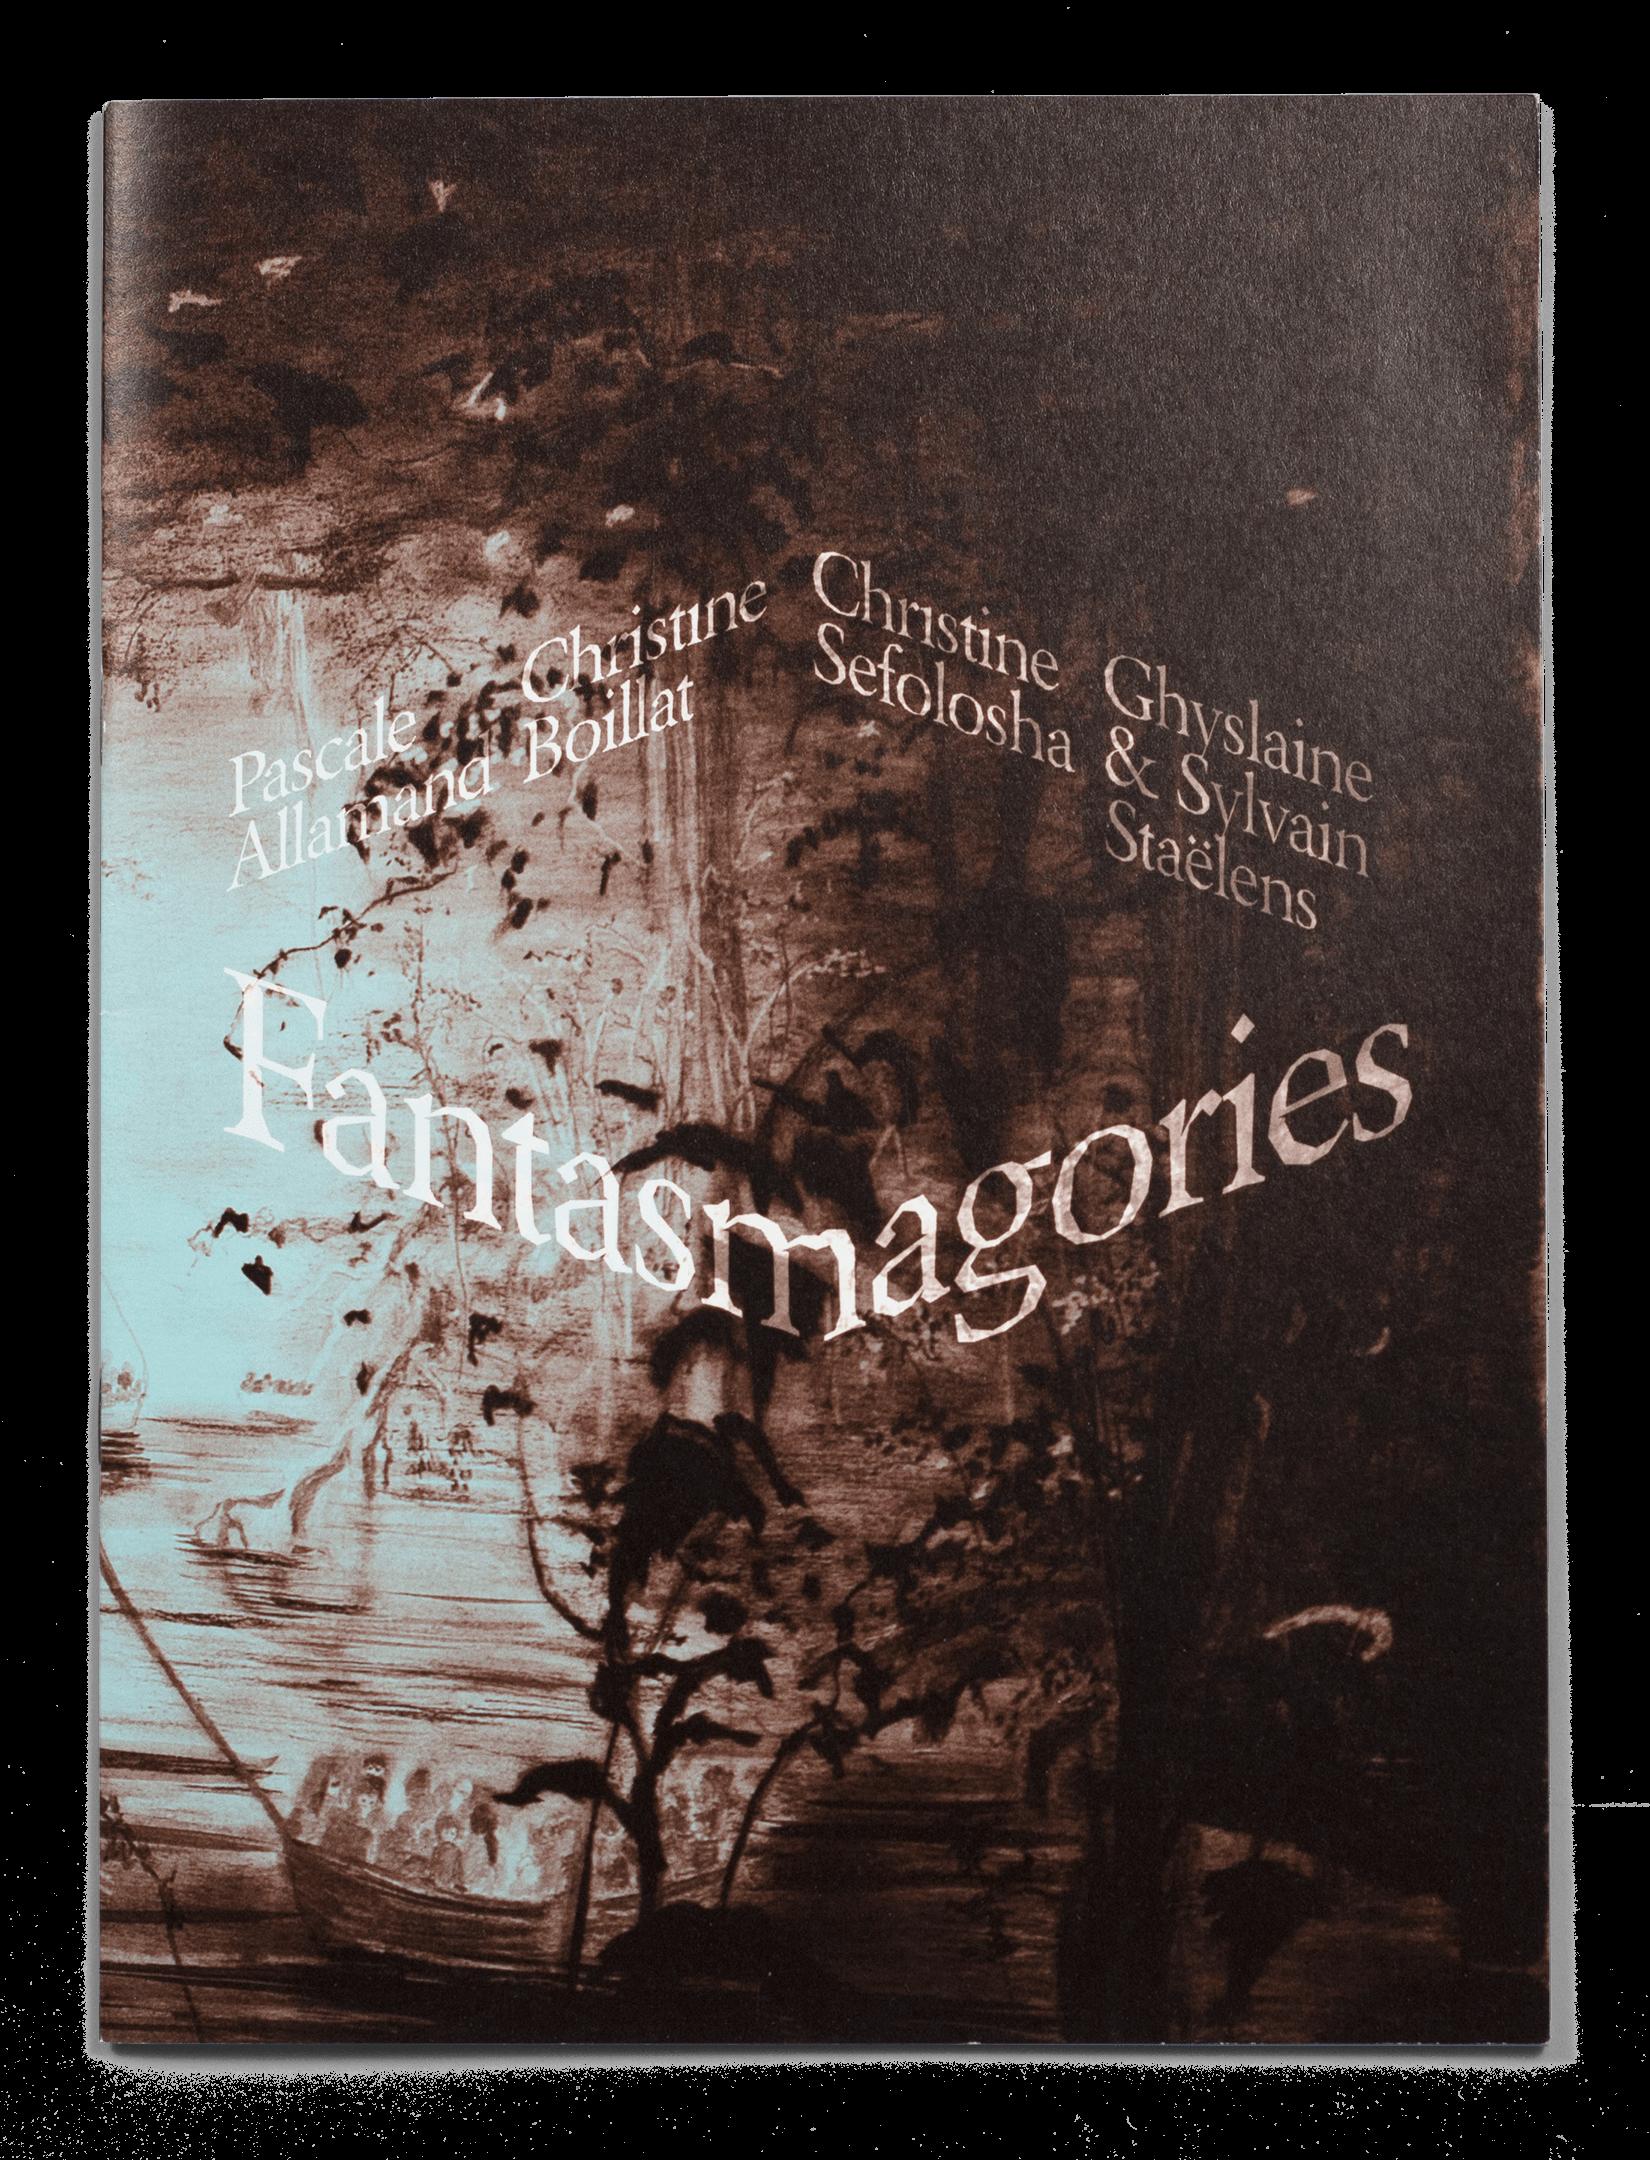 Couverture de la brochure de l'exposition de Pascale Allaman, Christine Boillat, Christine Sefolosha et Ghyslaine & Sylvain Staëlens